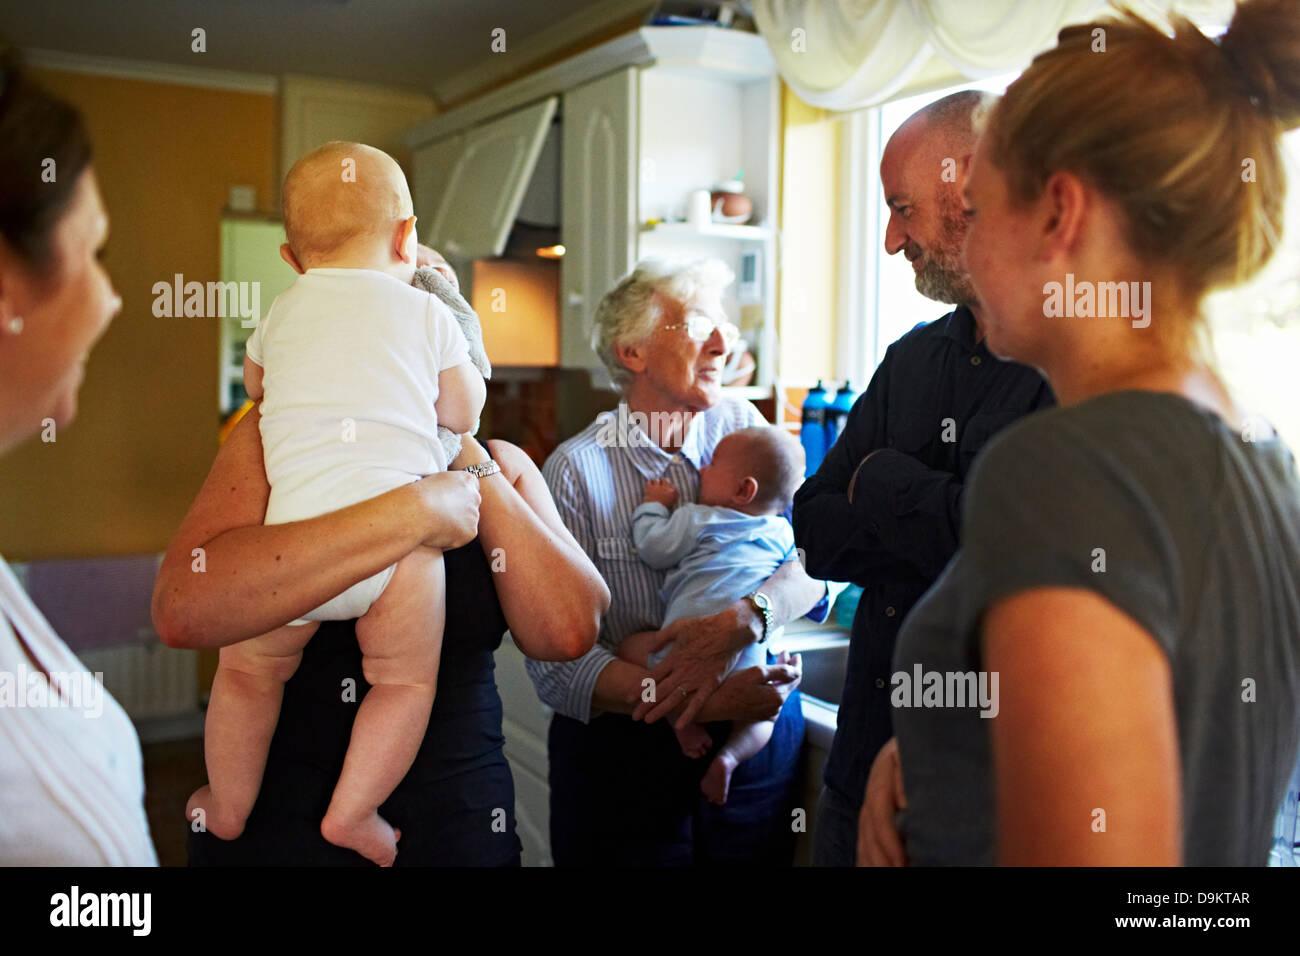 Famiglia riunita in cucina a casa Immagini Stock